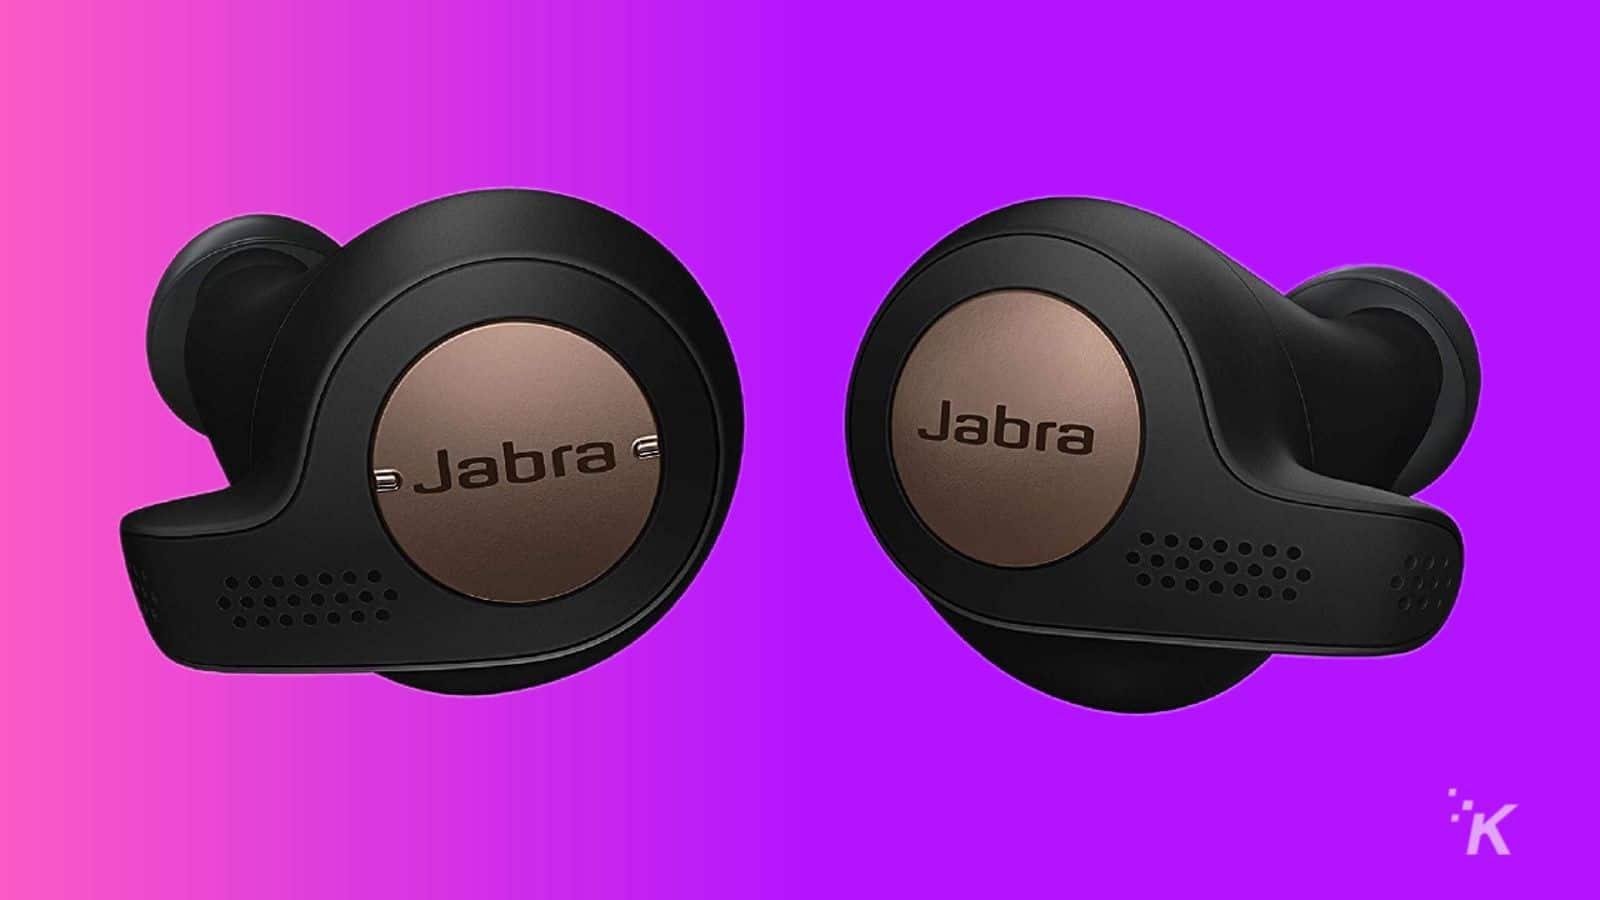 jabra elite 65t earbuds knowtechie ebay